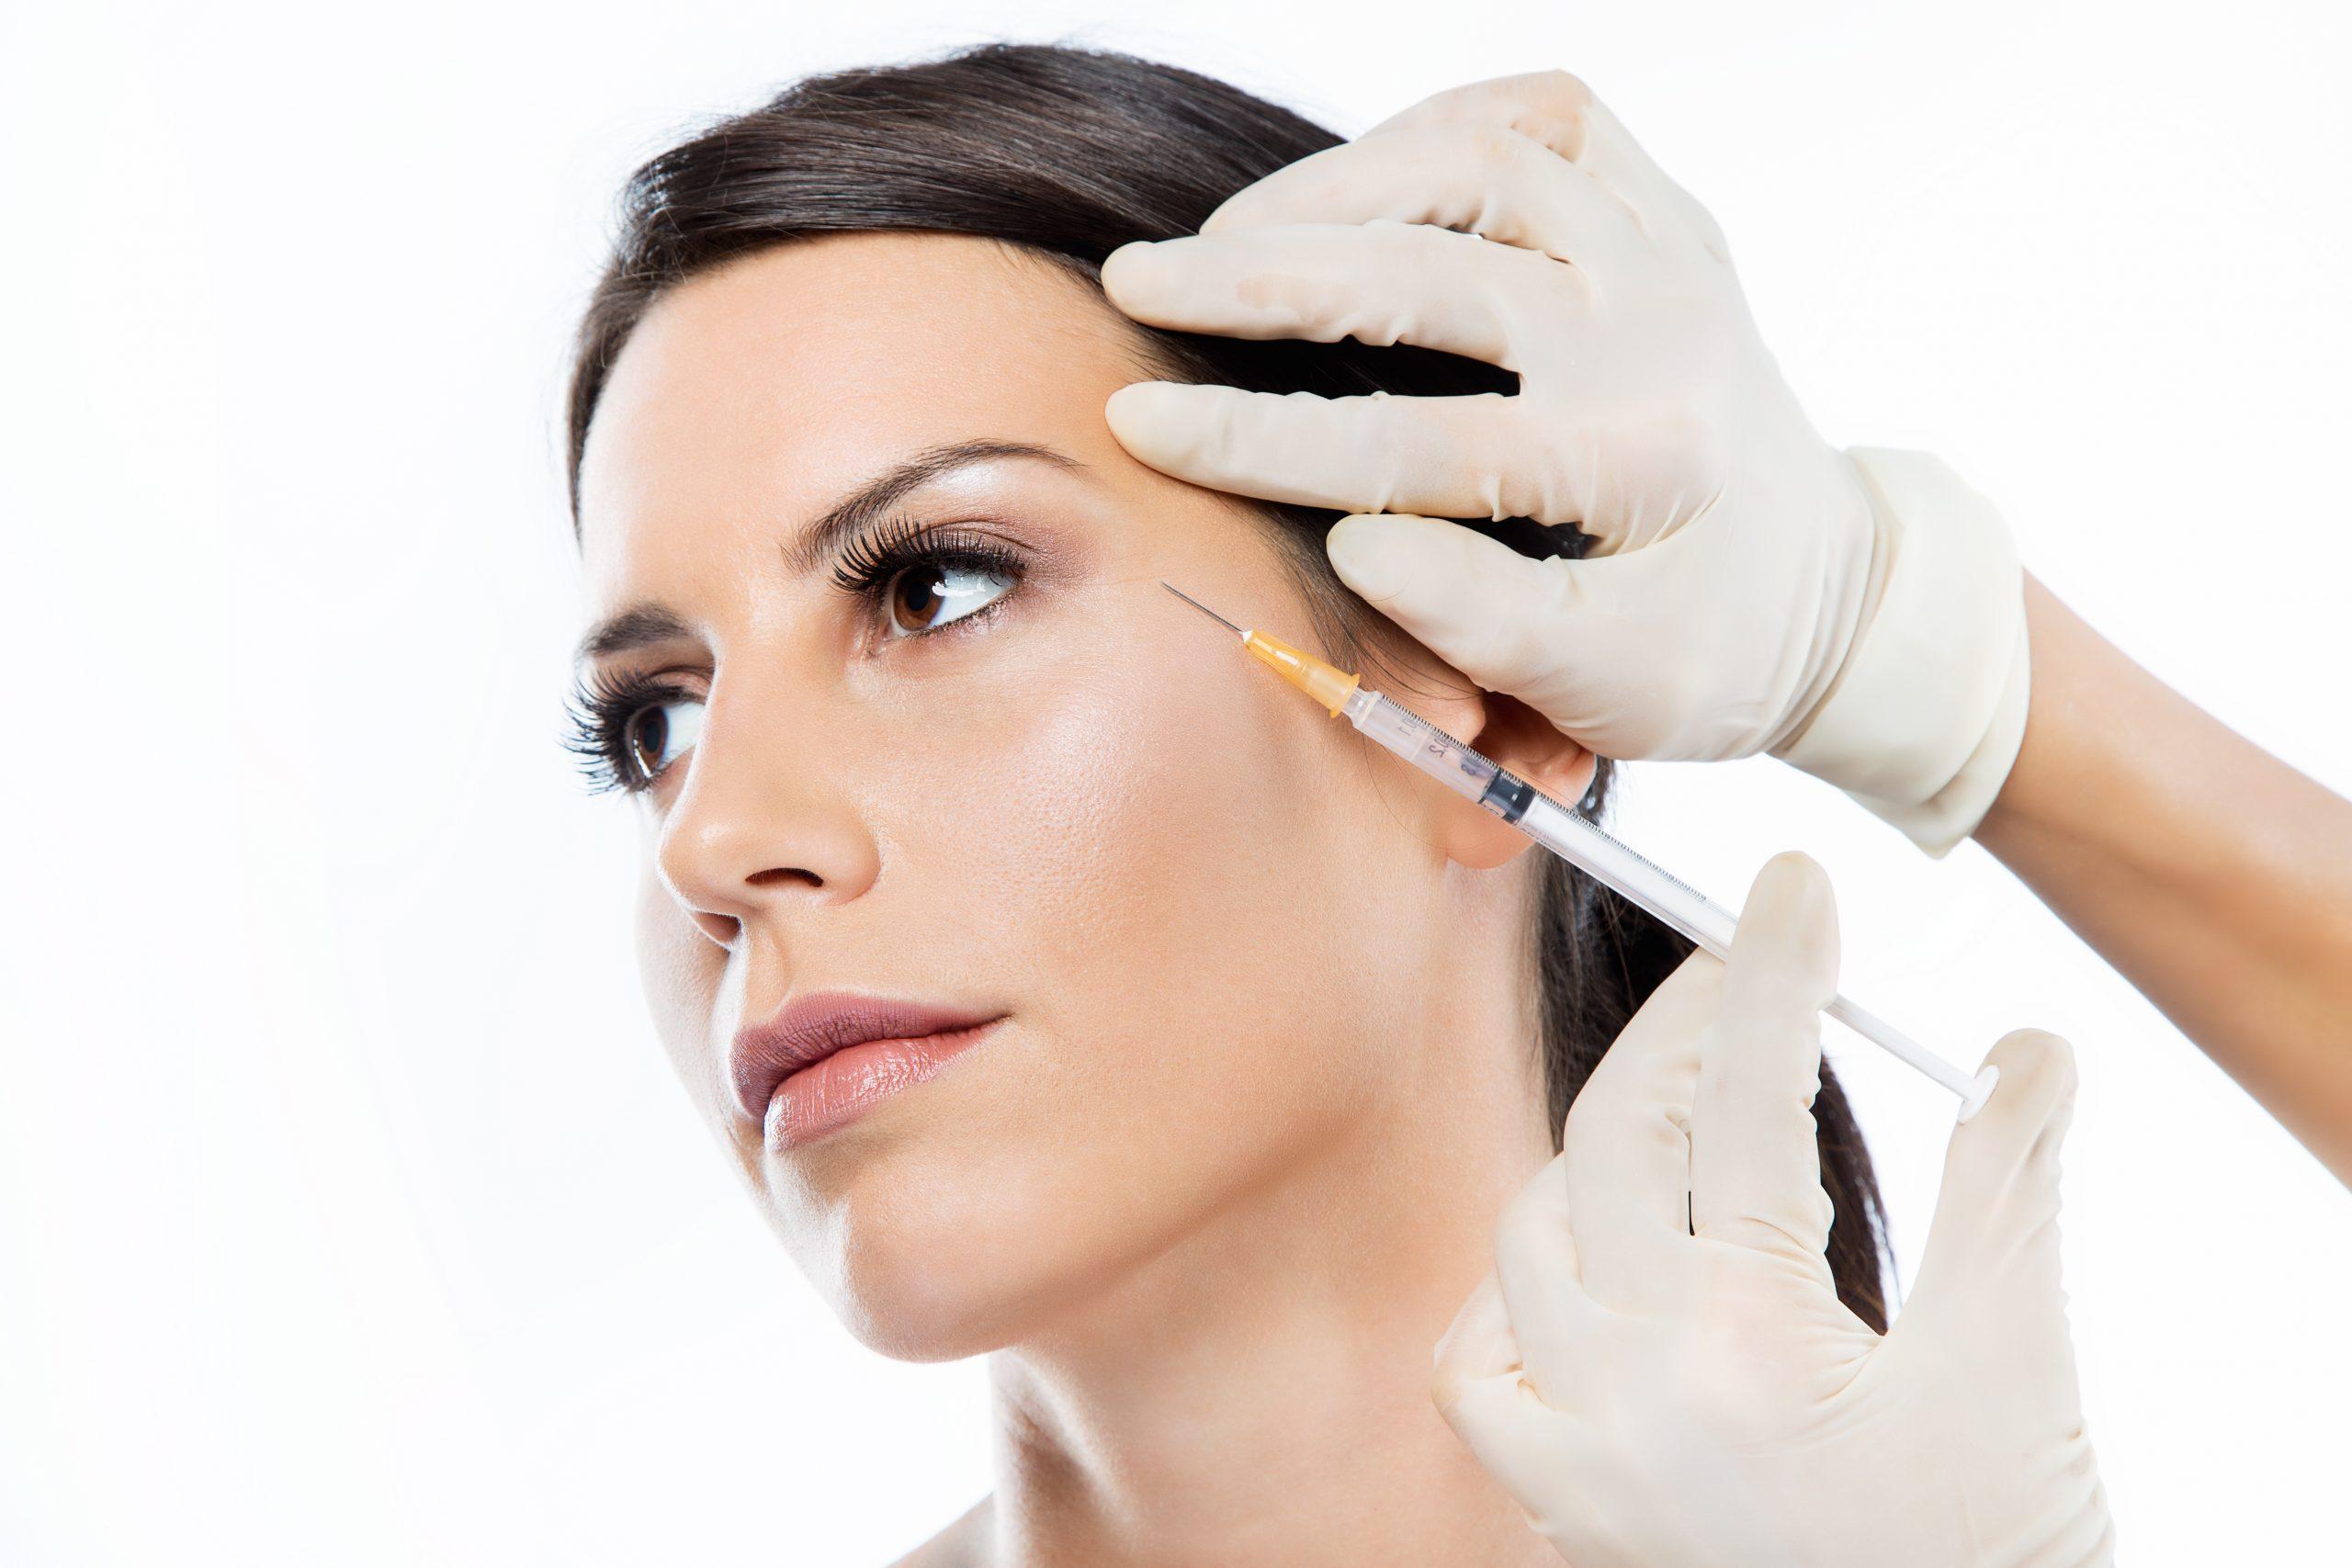 Tratamientos estéticos, una costosa pero sumamente efectiva alternativa